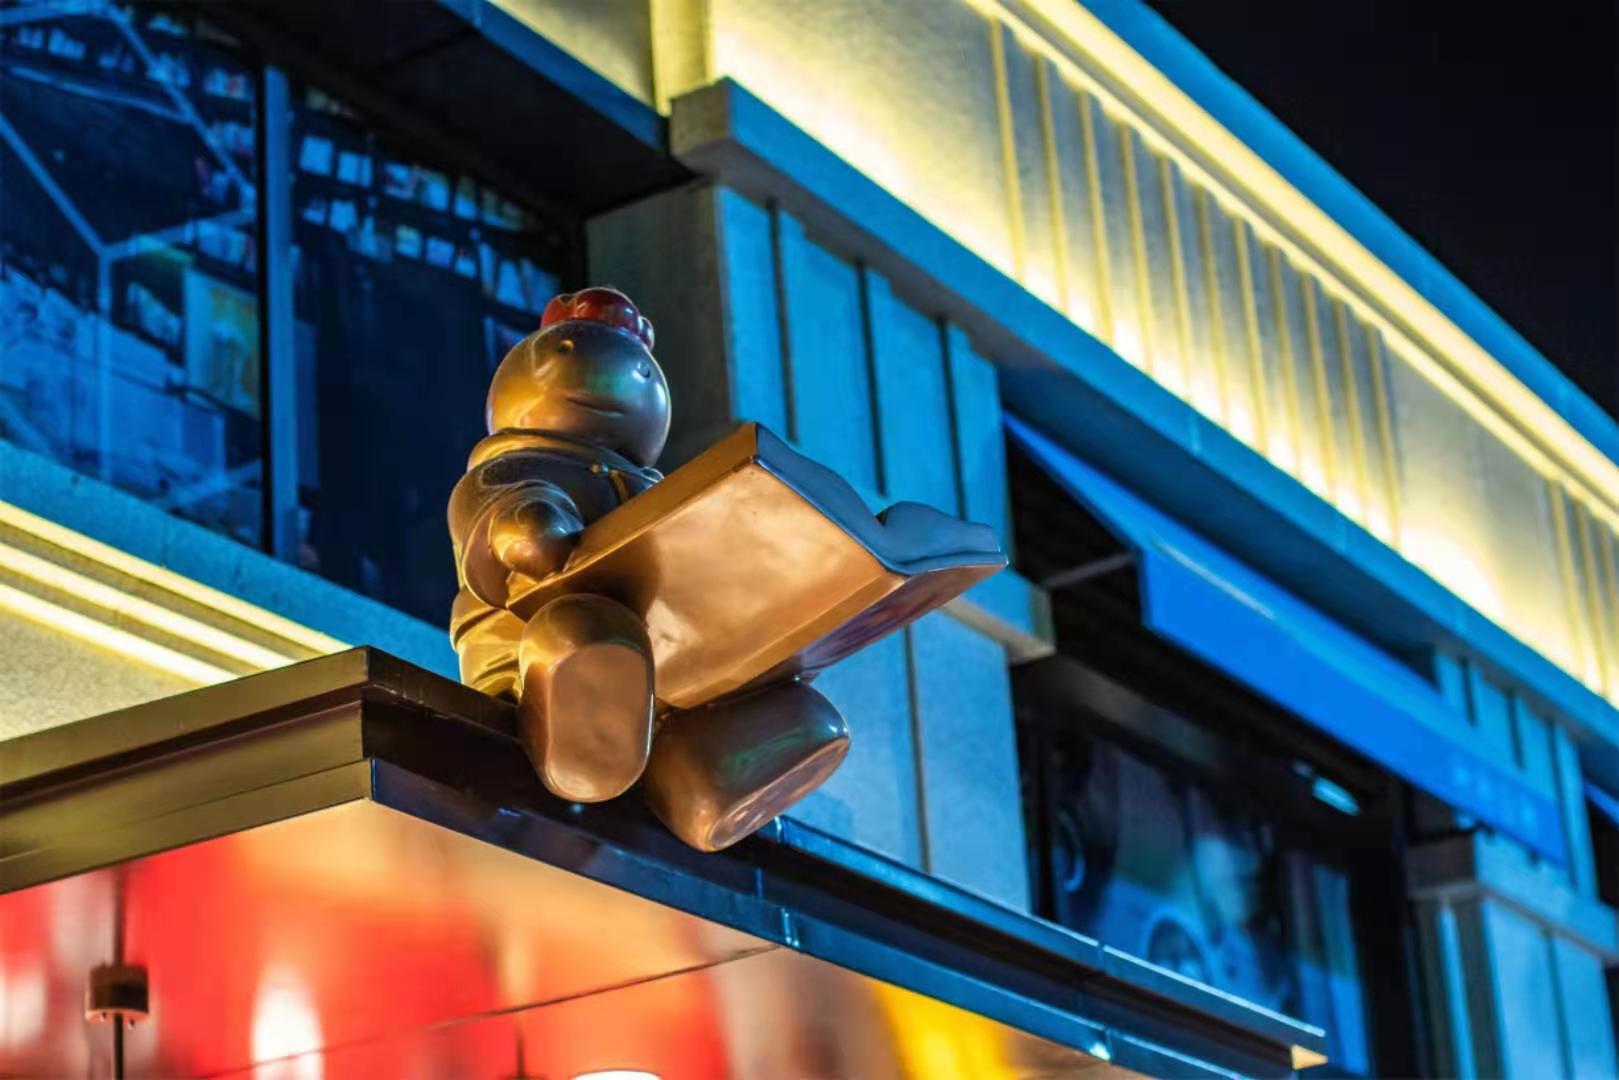 玻璃钢卡通雕塑_玻璃钢贵州_贵阳卡通雕塑_玻璃钢卡通雕塑设计公司